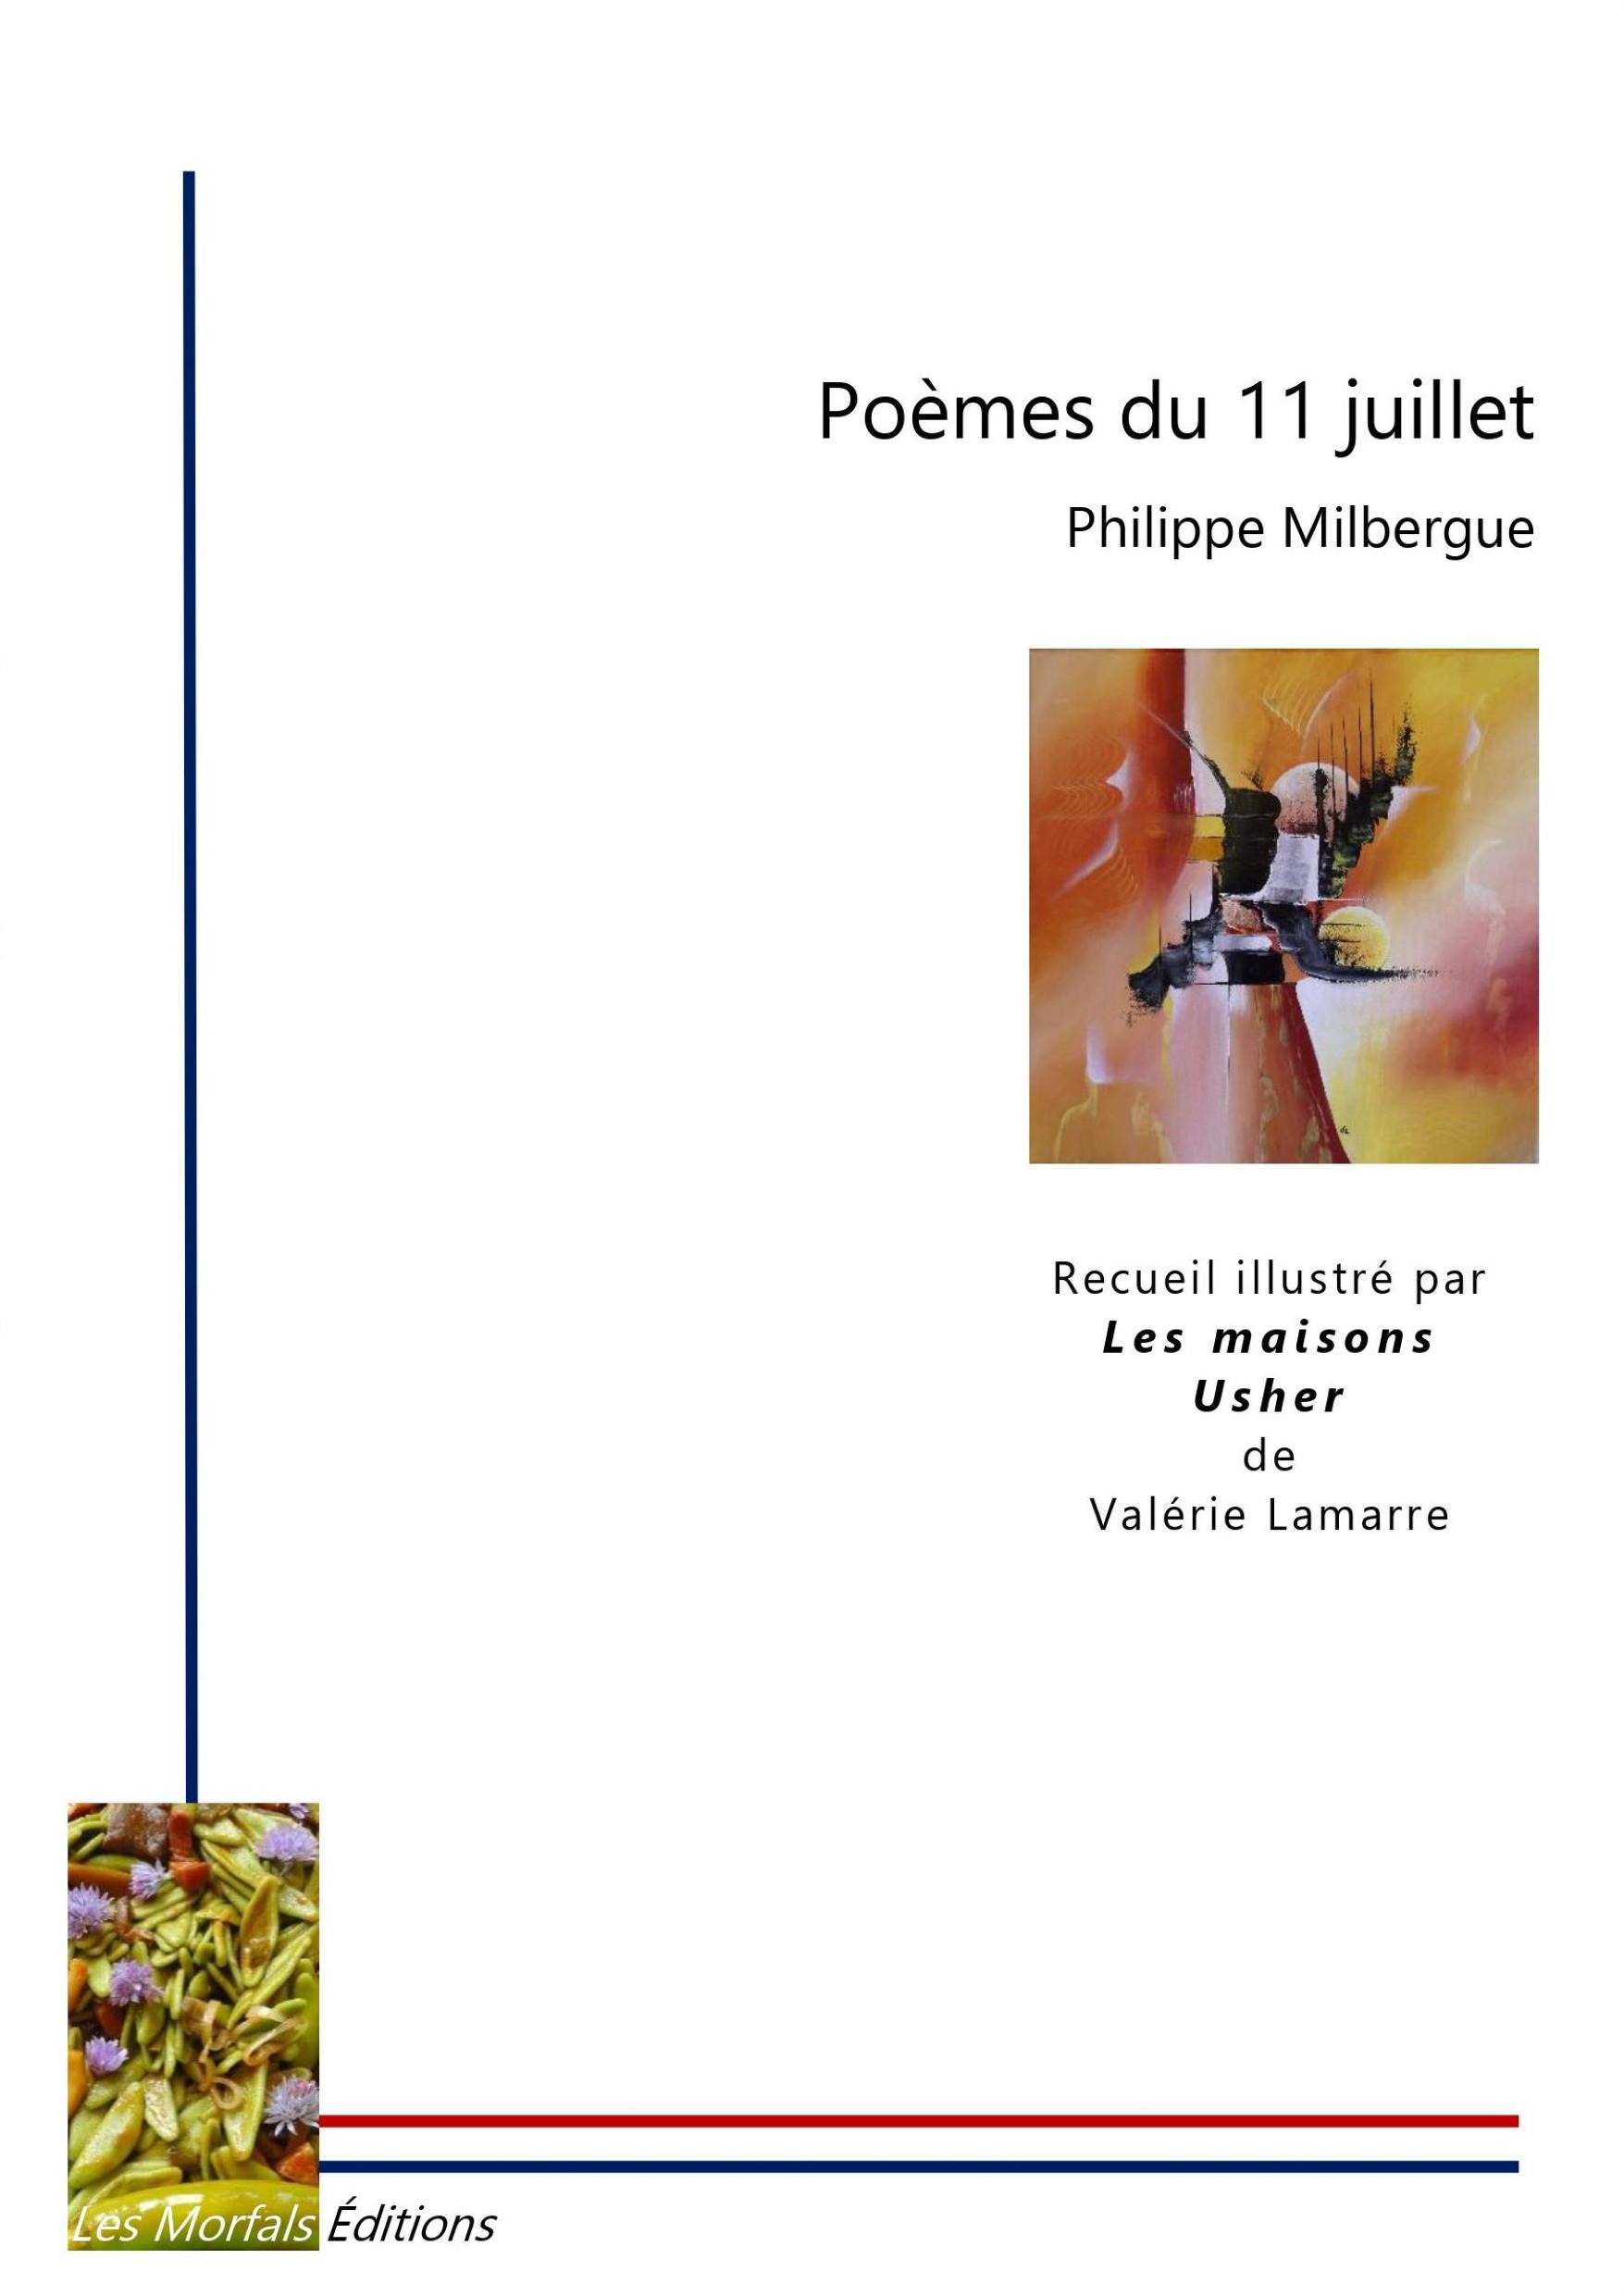 Poèmes du 11 juillet